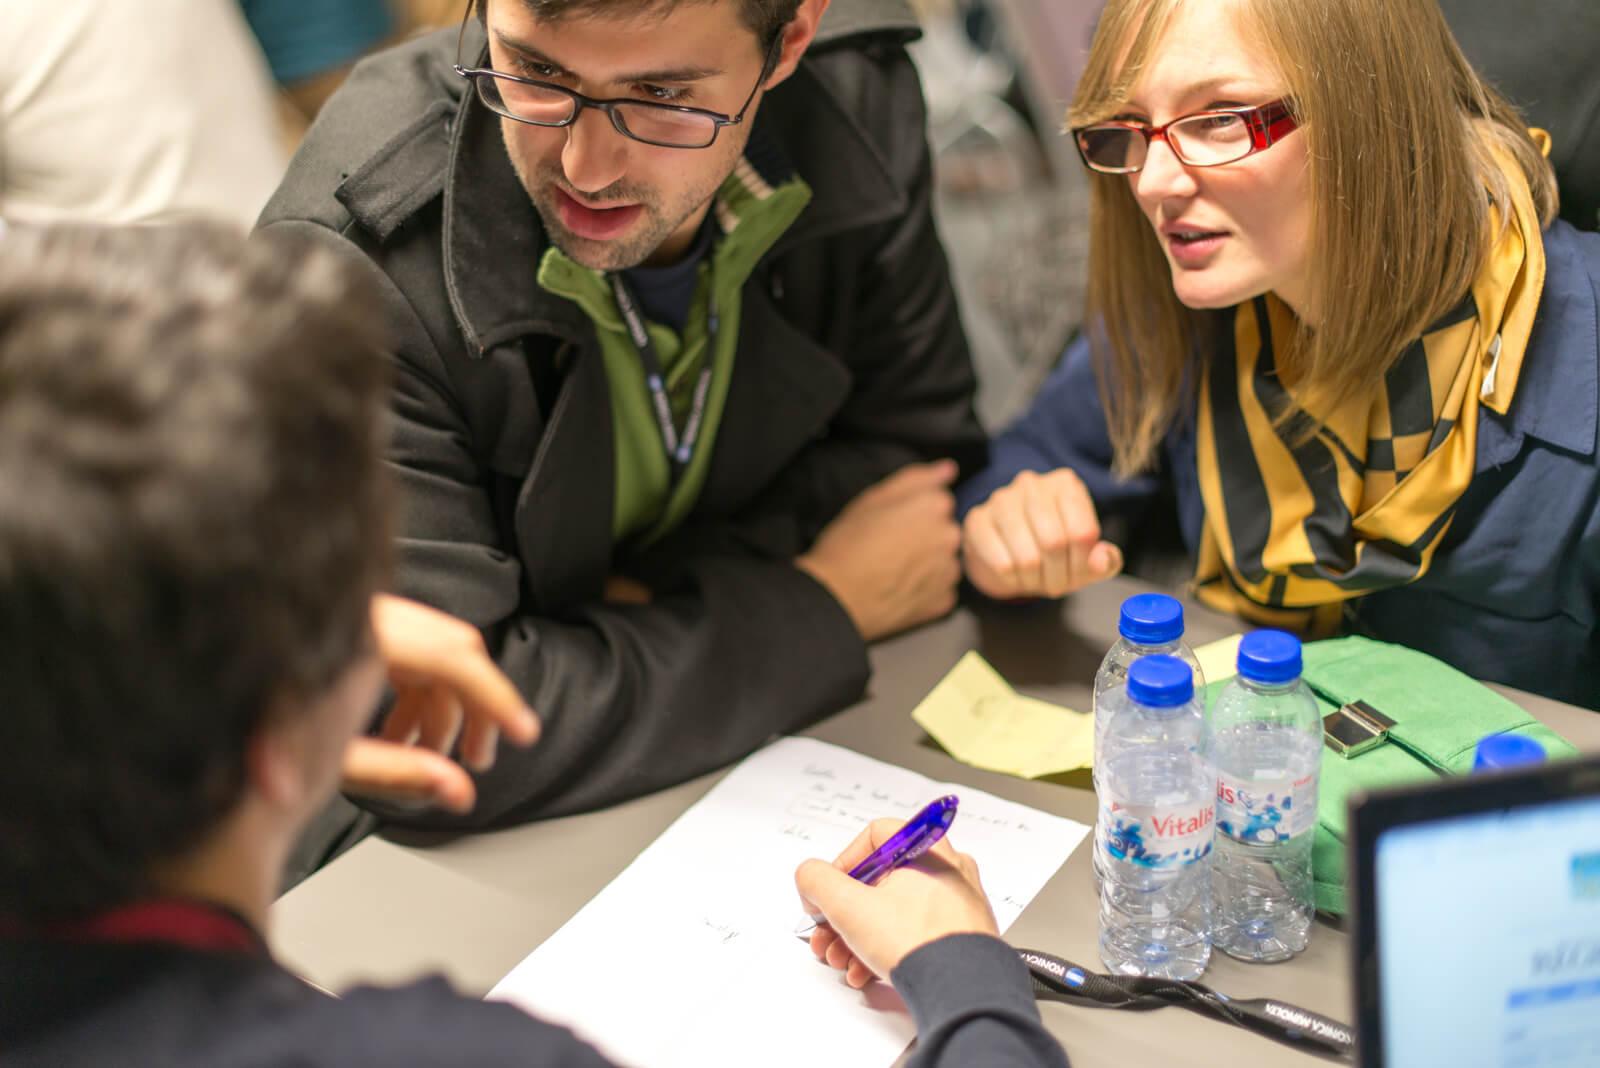 Startuppet Ideanote: Danskernes ideer skal løse flygtningekrisen